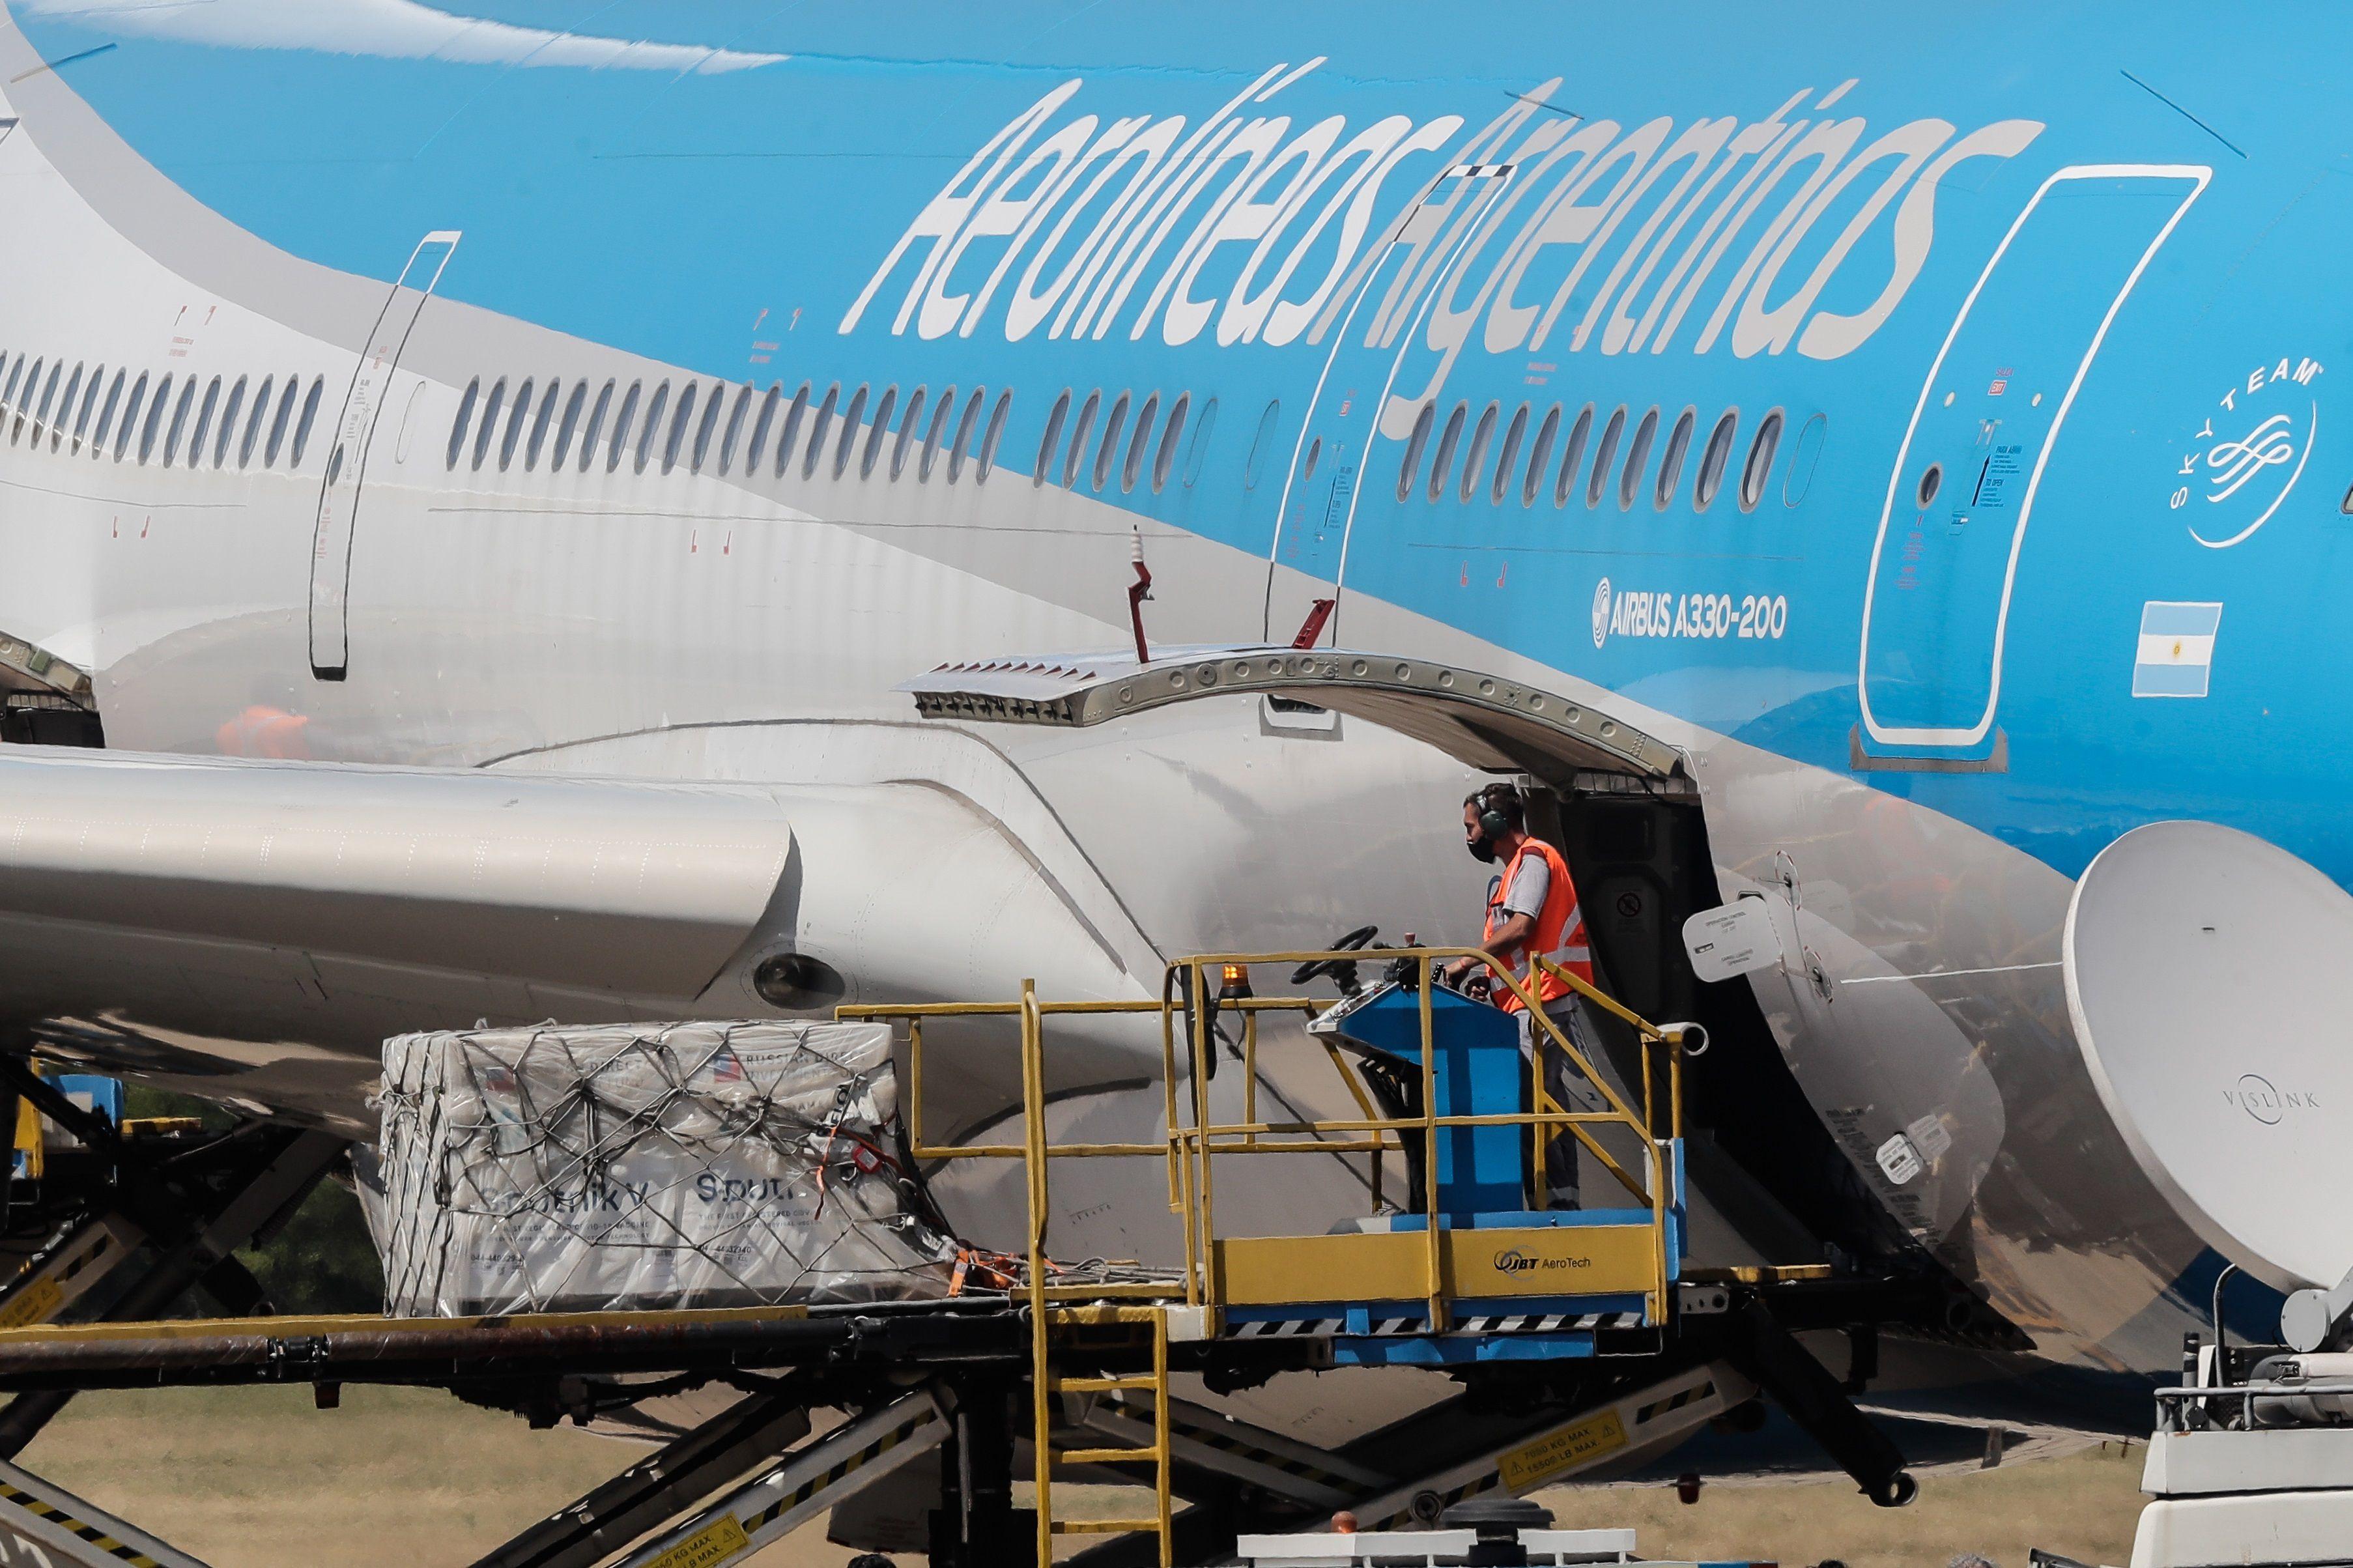 Operarios descargan de un avión de Aerolíneas Argentinas los primeros contenedores de la vacuna rusa Sputnik-V contra la covid-19, el 24 de diciembre de 2020, en el Aeropuerto de Ezeiza en Buenos Aires (Argentina). EFE/Juan Ignacio Roncoroni/Archivo